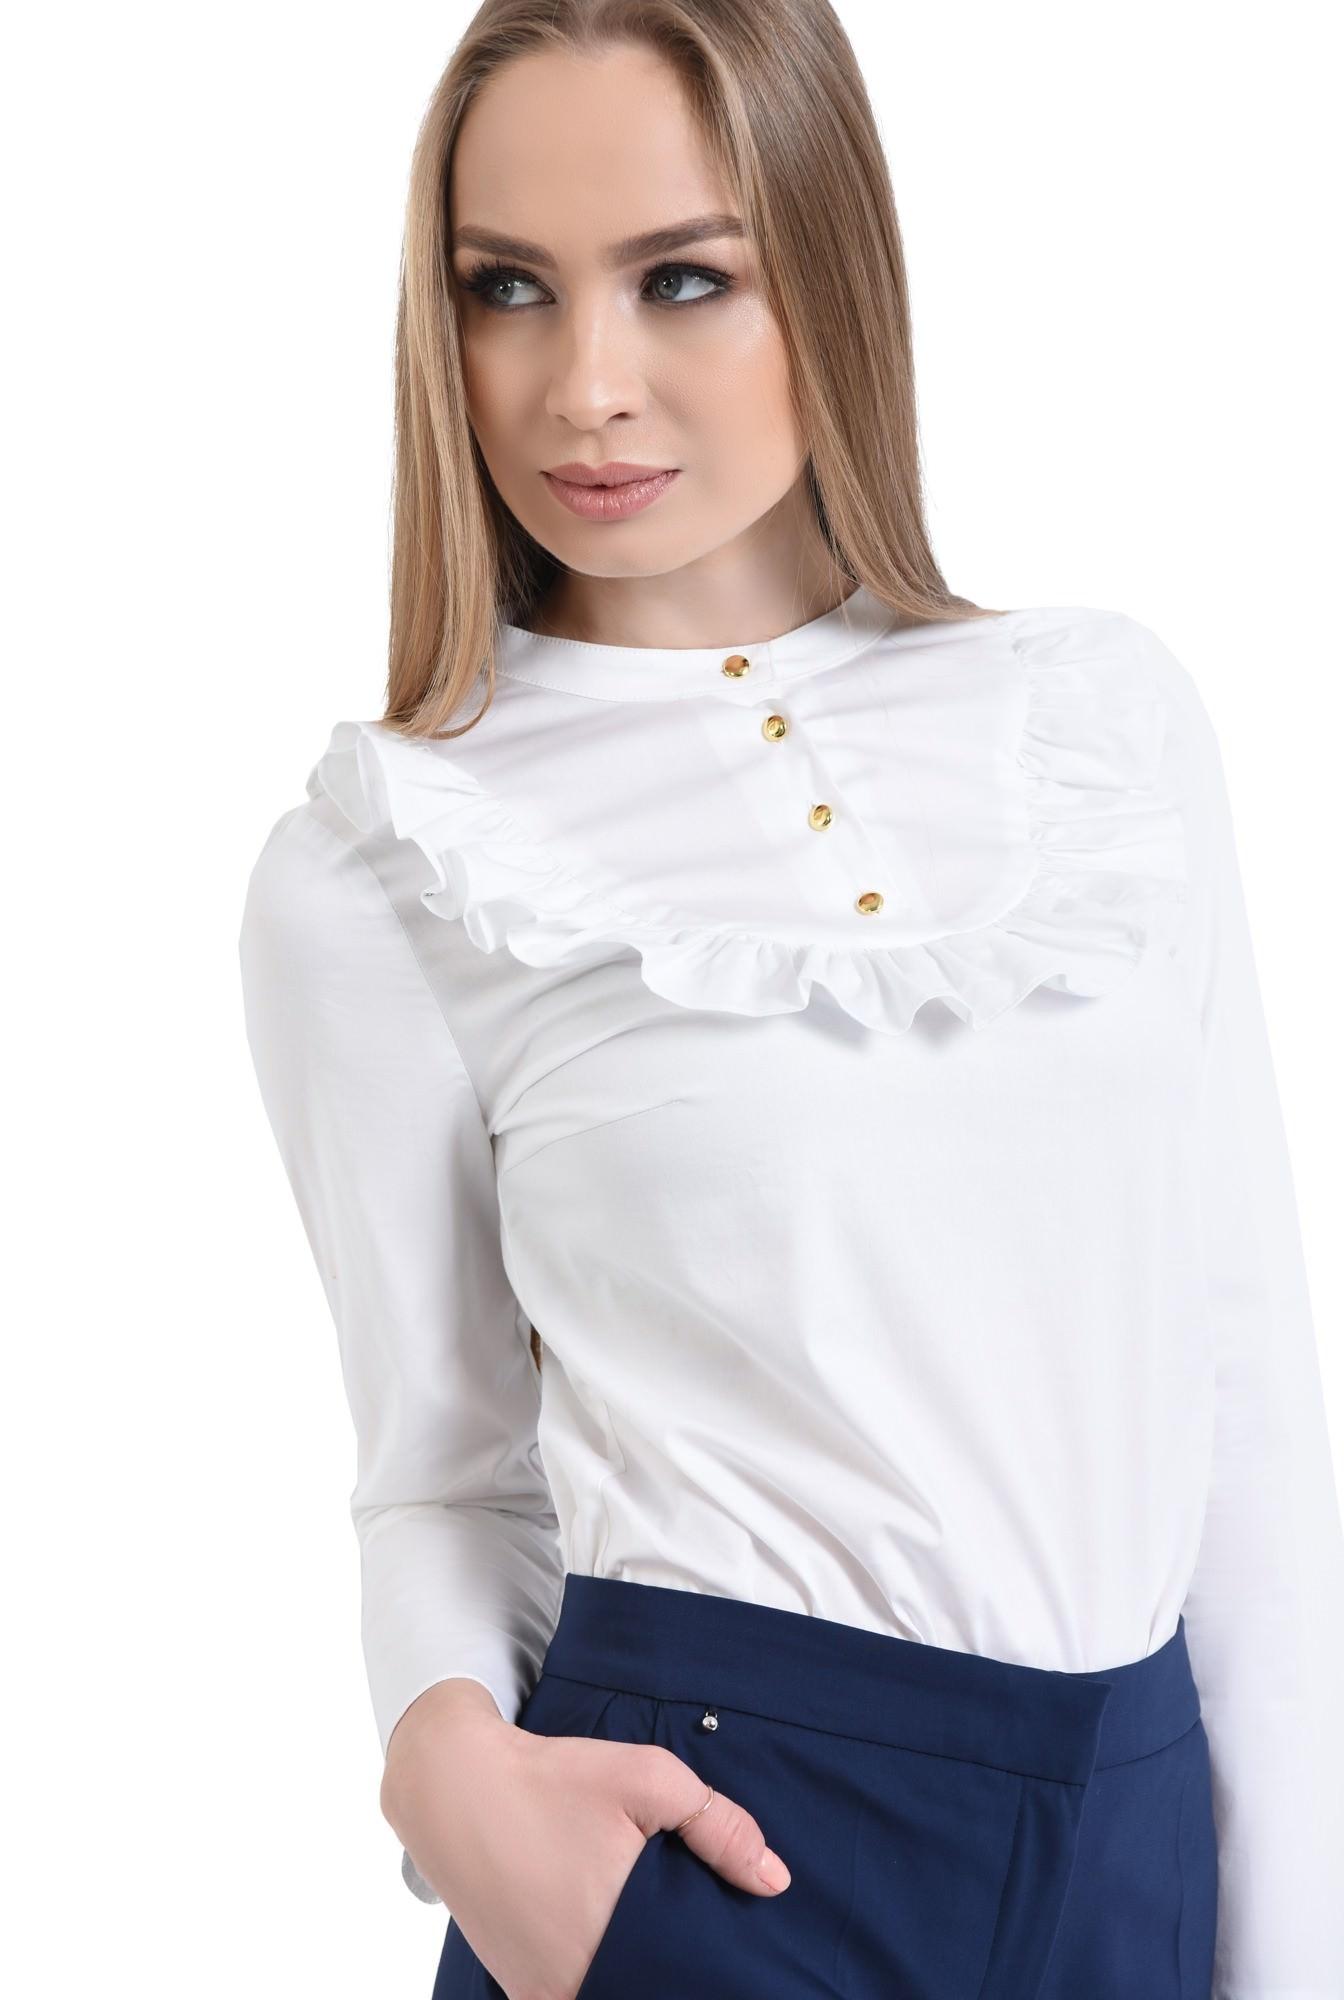 2 - Bluza eleganta, nasturi aurii